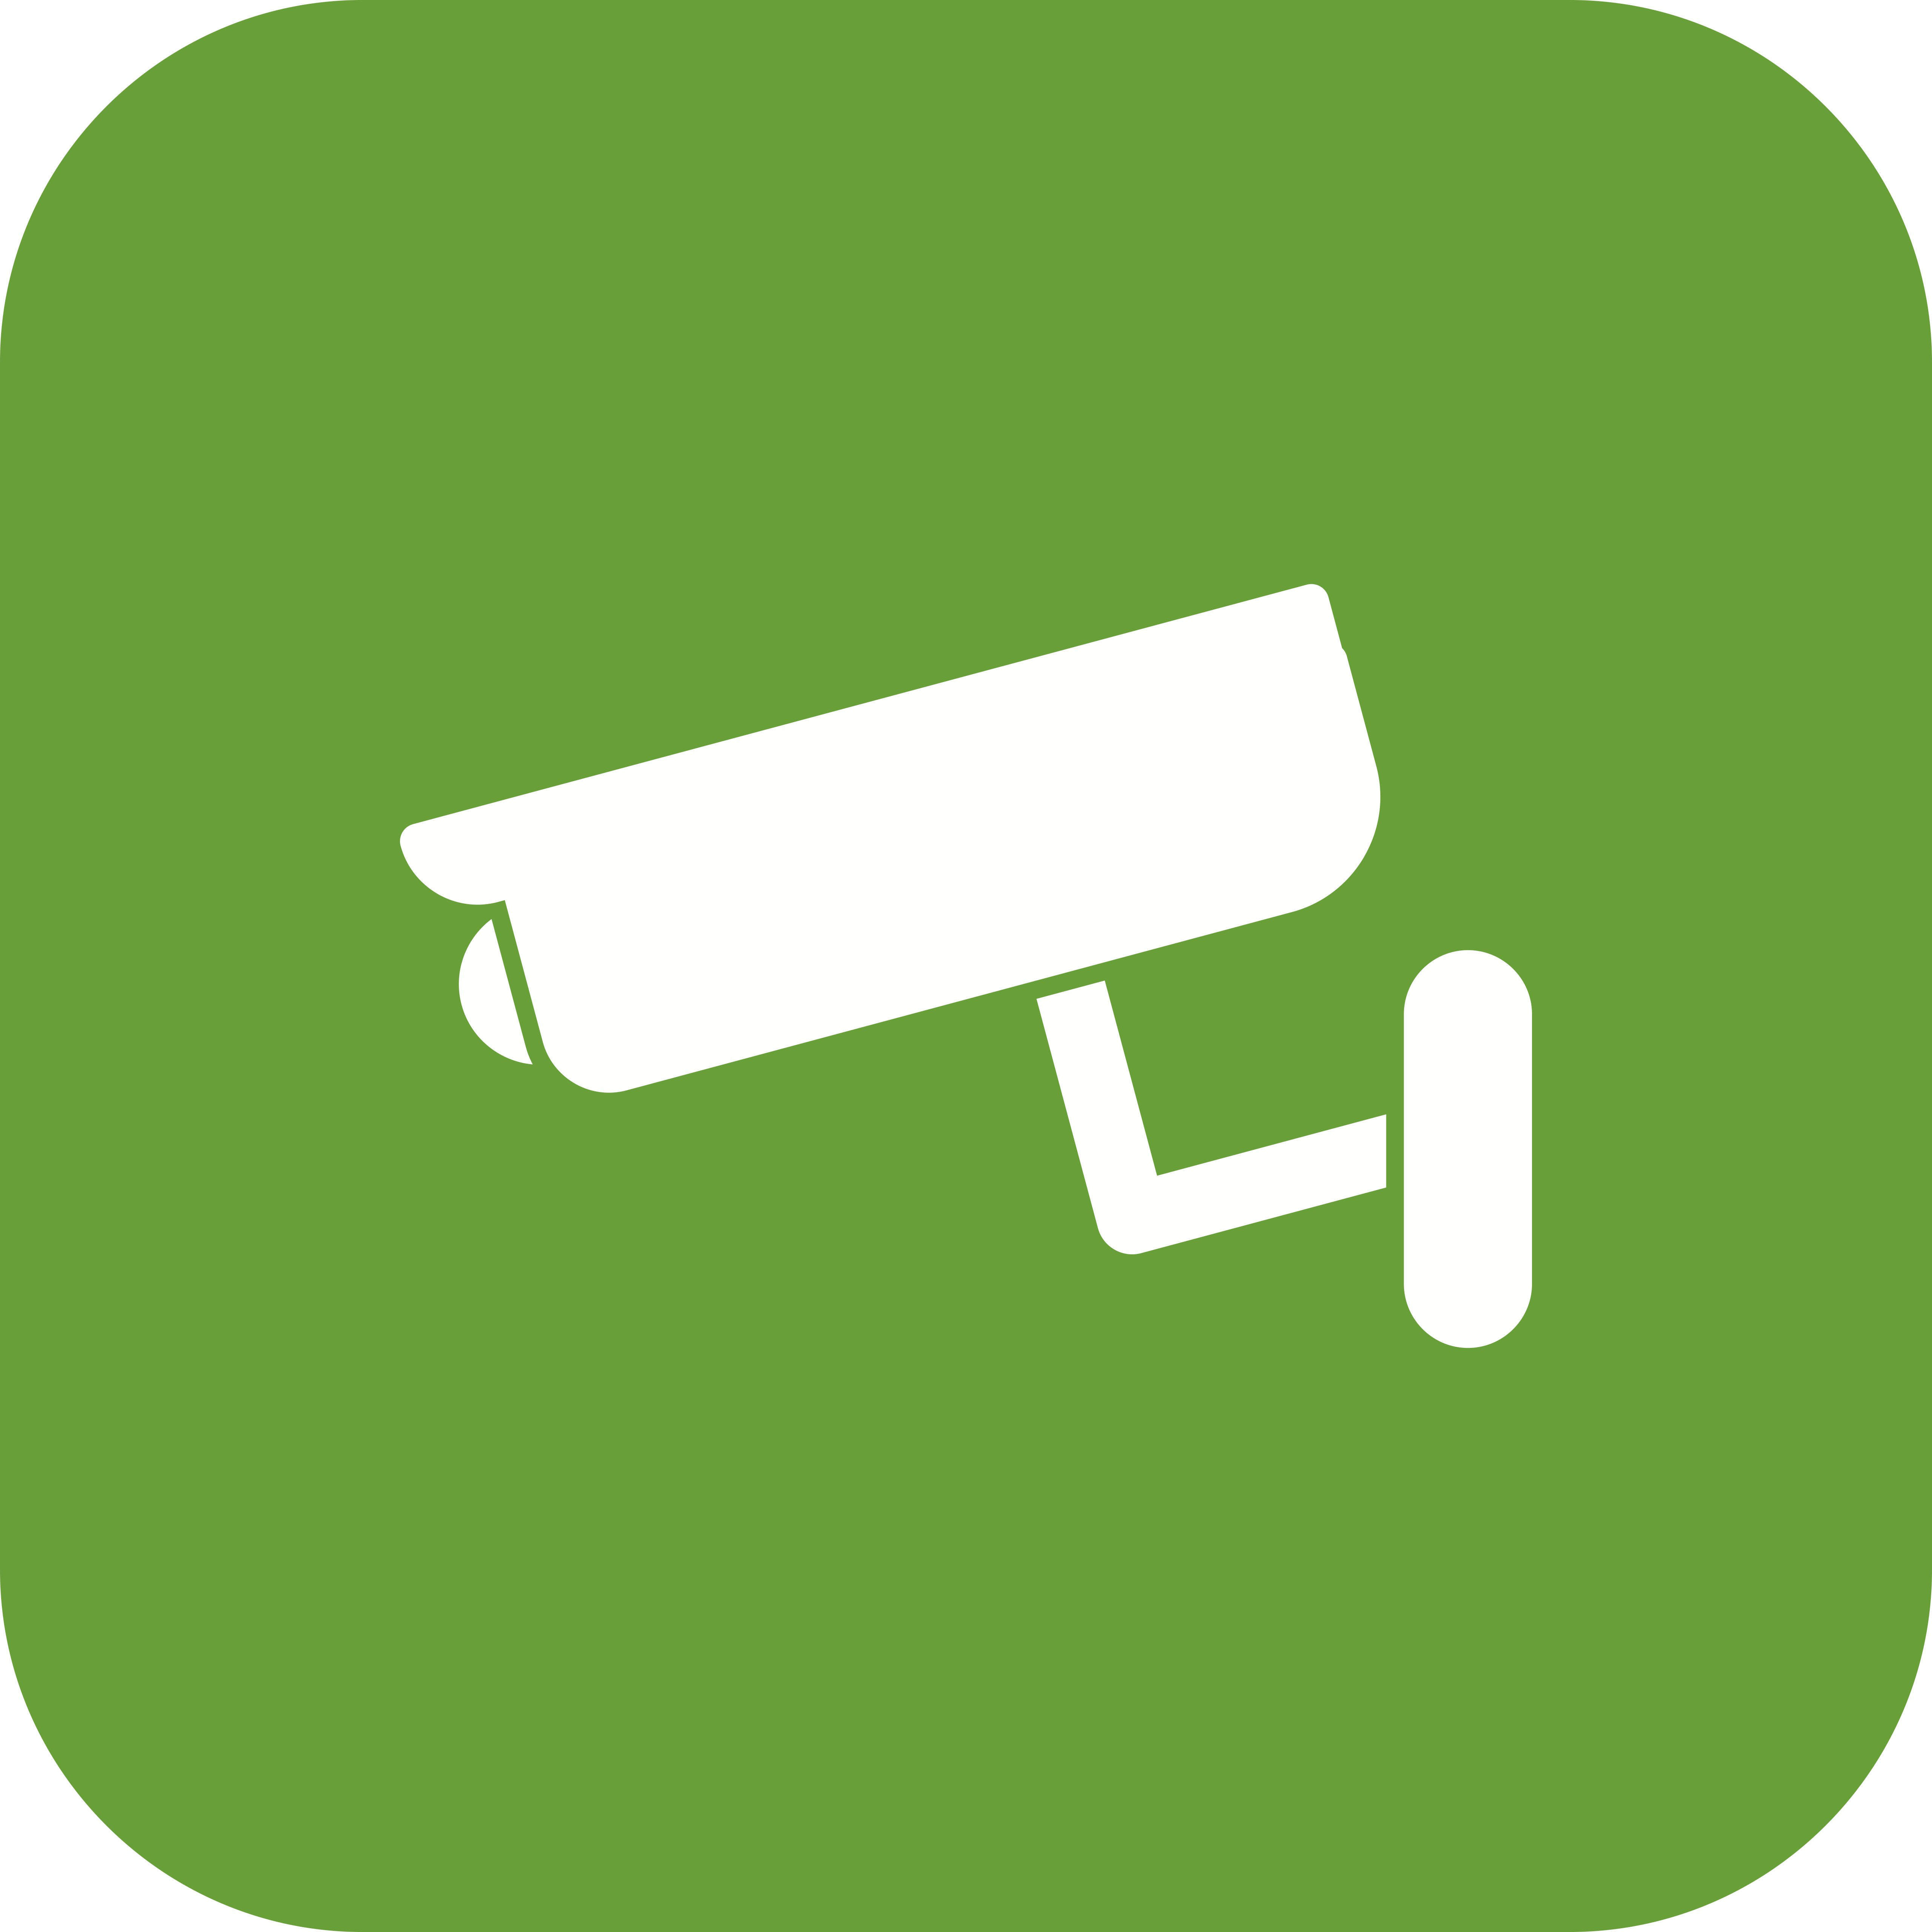 監視器 icon 免費下載 | 天天瘋後製